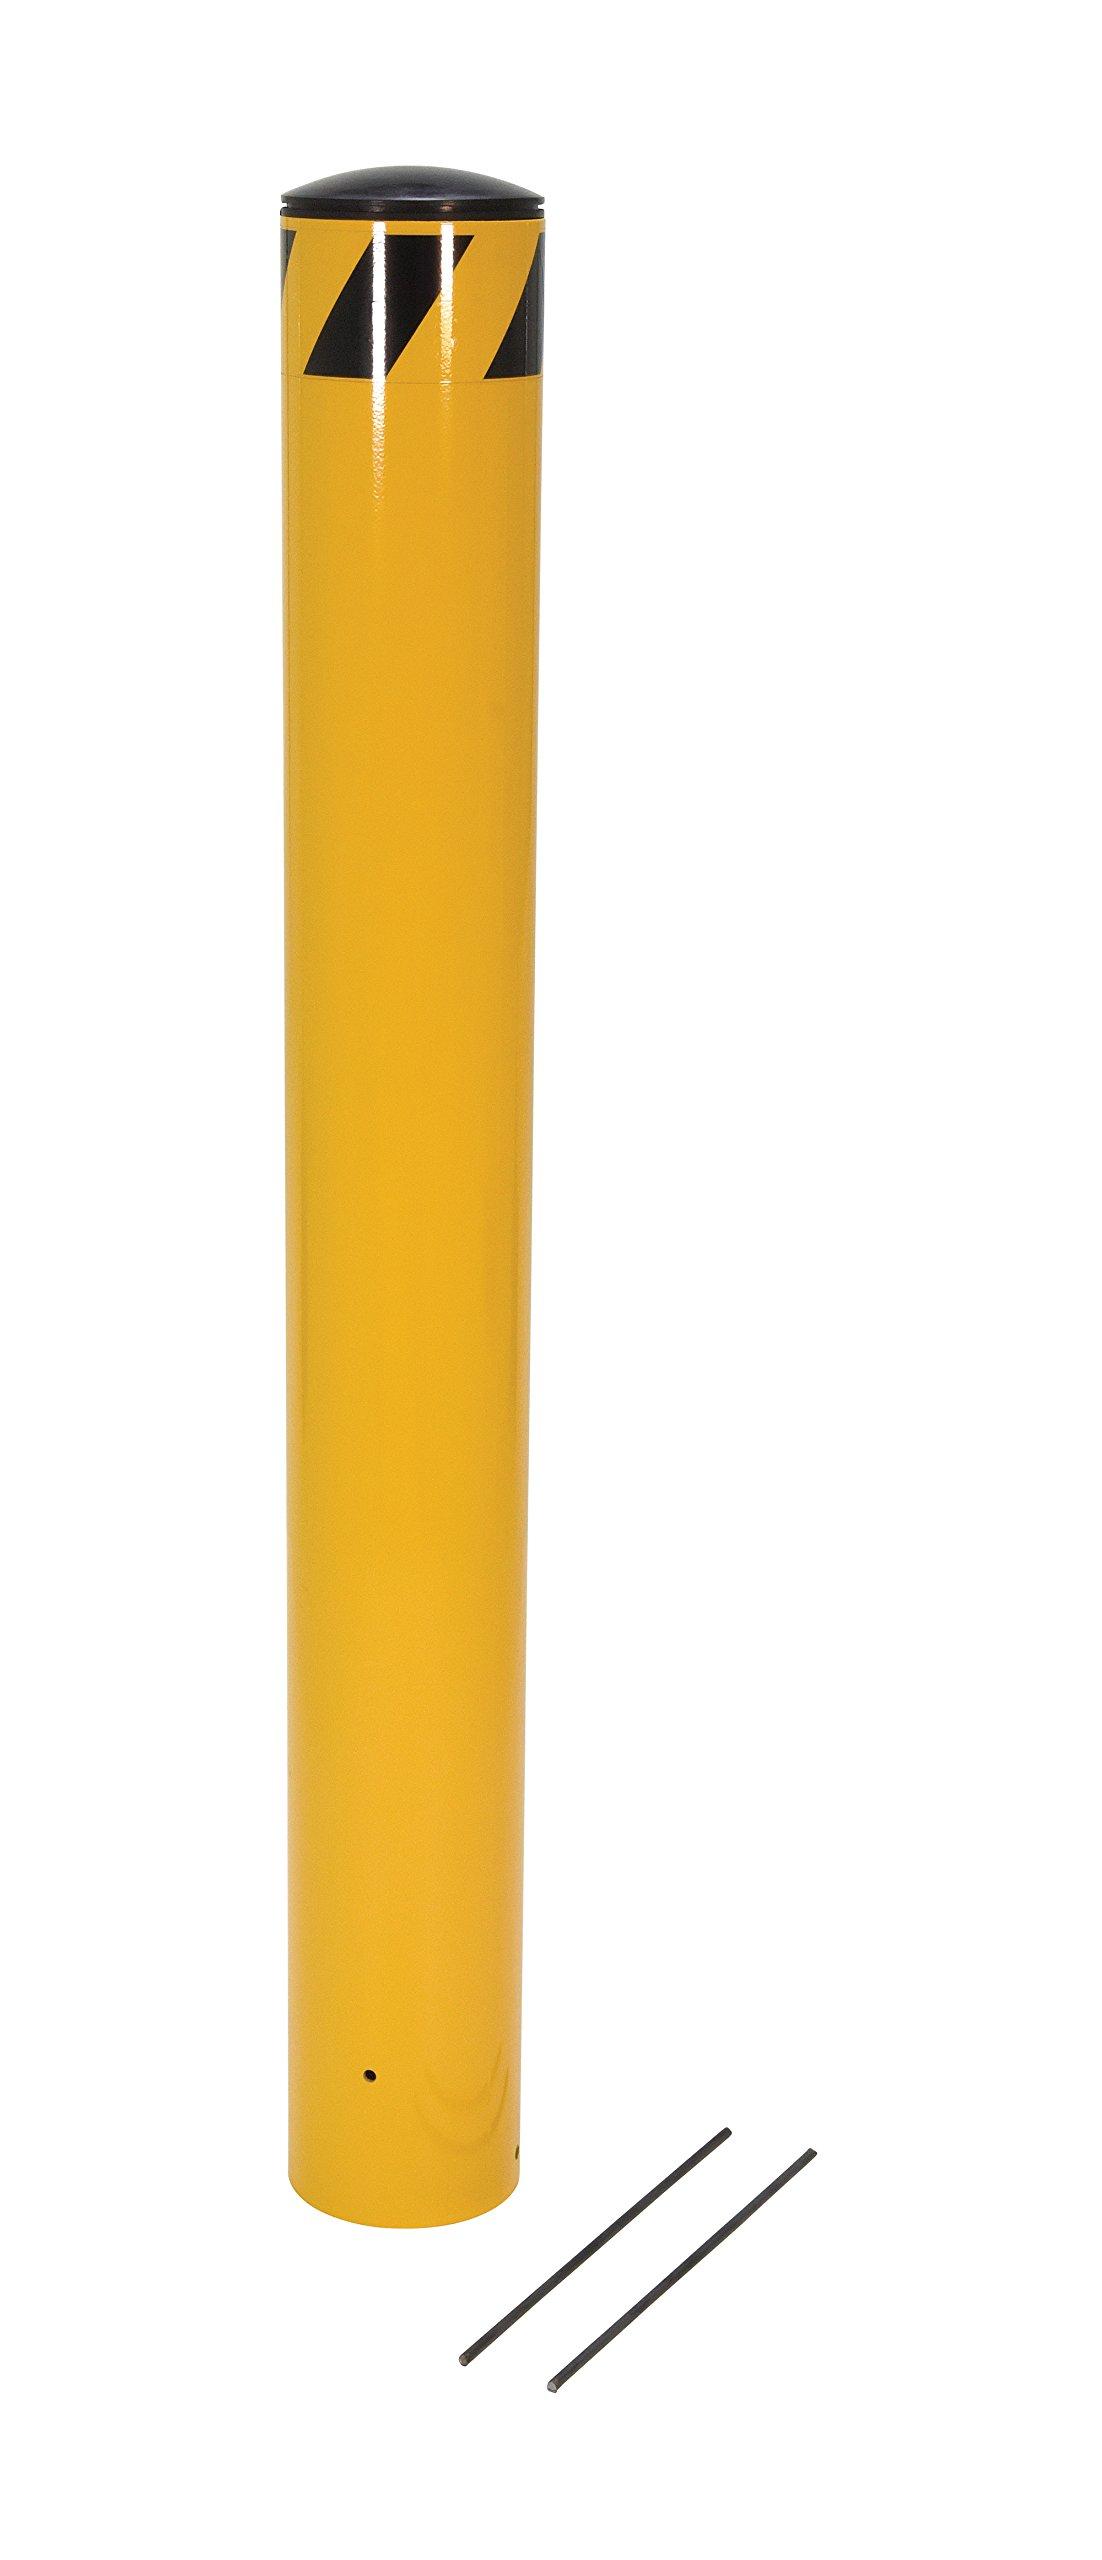 Vestil BOLPP-48-5.5 Pour In Place Bollard, 5-1/2'' OD, 58-1/2'' Overall Height